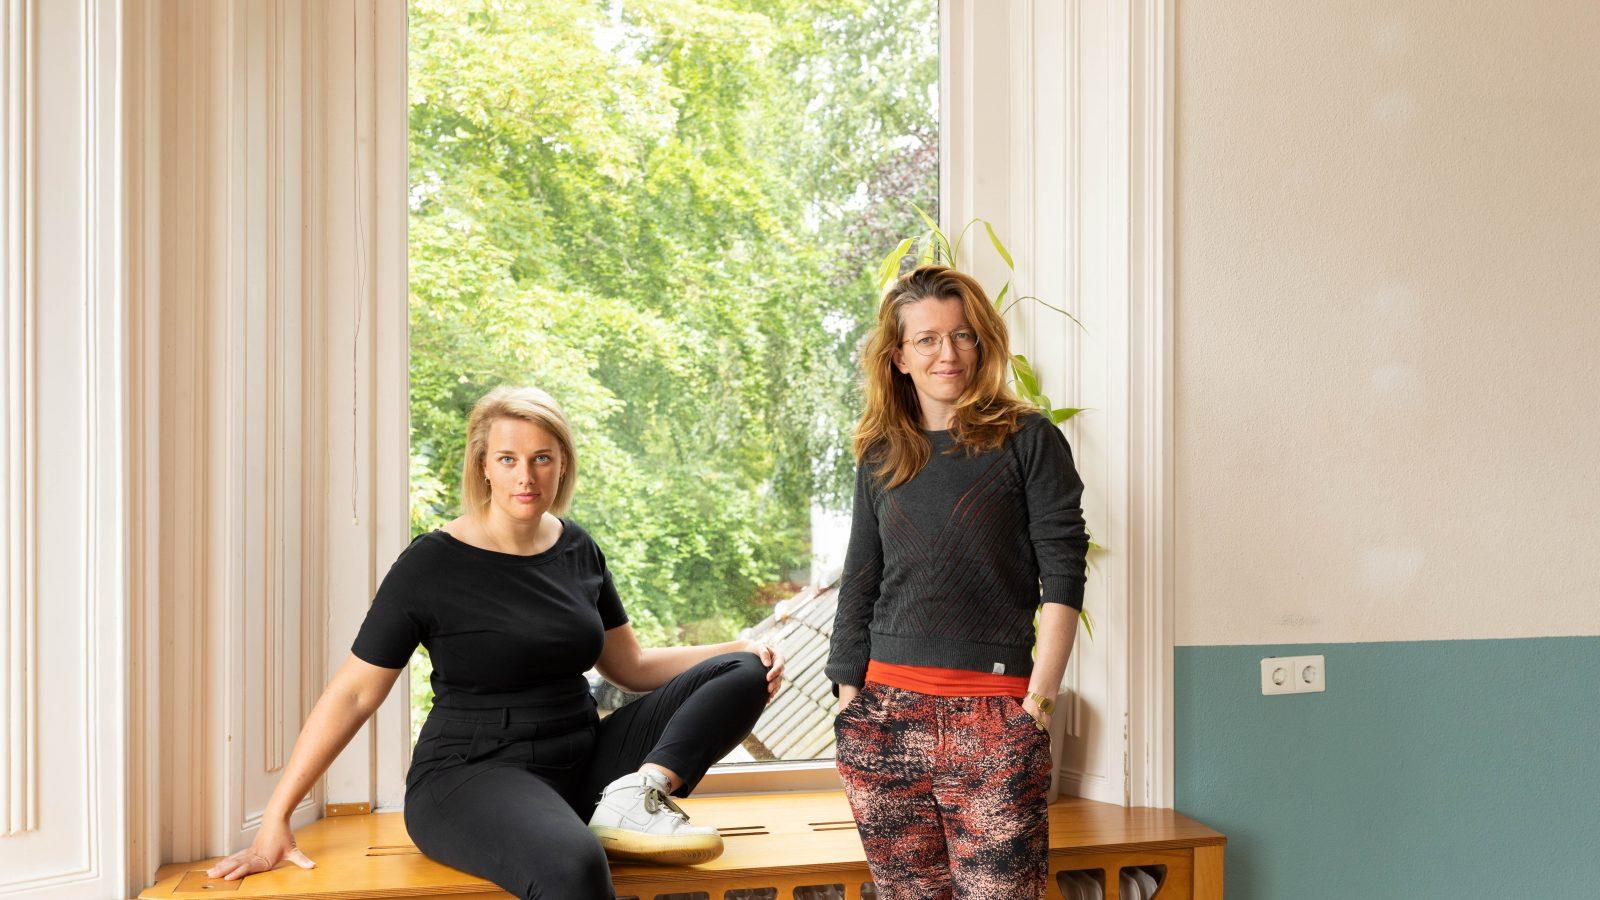 In Februari 2021 zijn Karlijn Benthem en Sara Scholten gestart met de Educatiemaakplaats. Deze werkplaats is een plek waar de komende vier jaar educatie wordt gemaakt. We houden je op deze pagina graga op de hooget van de ontwikkelingen.